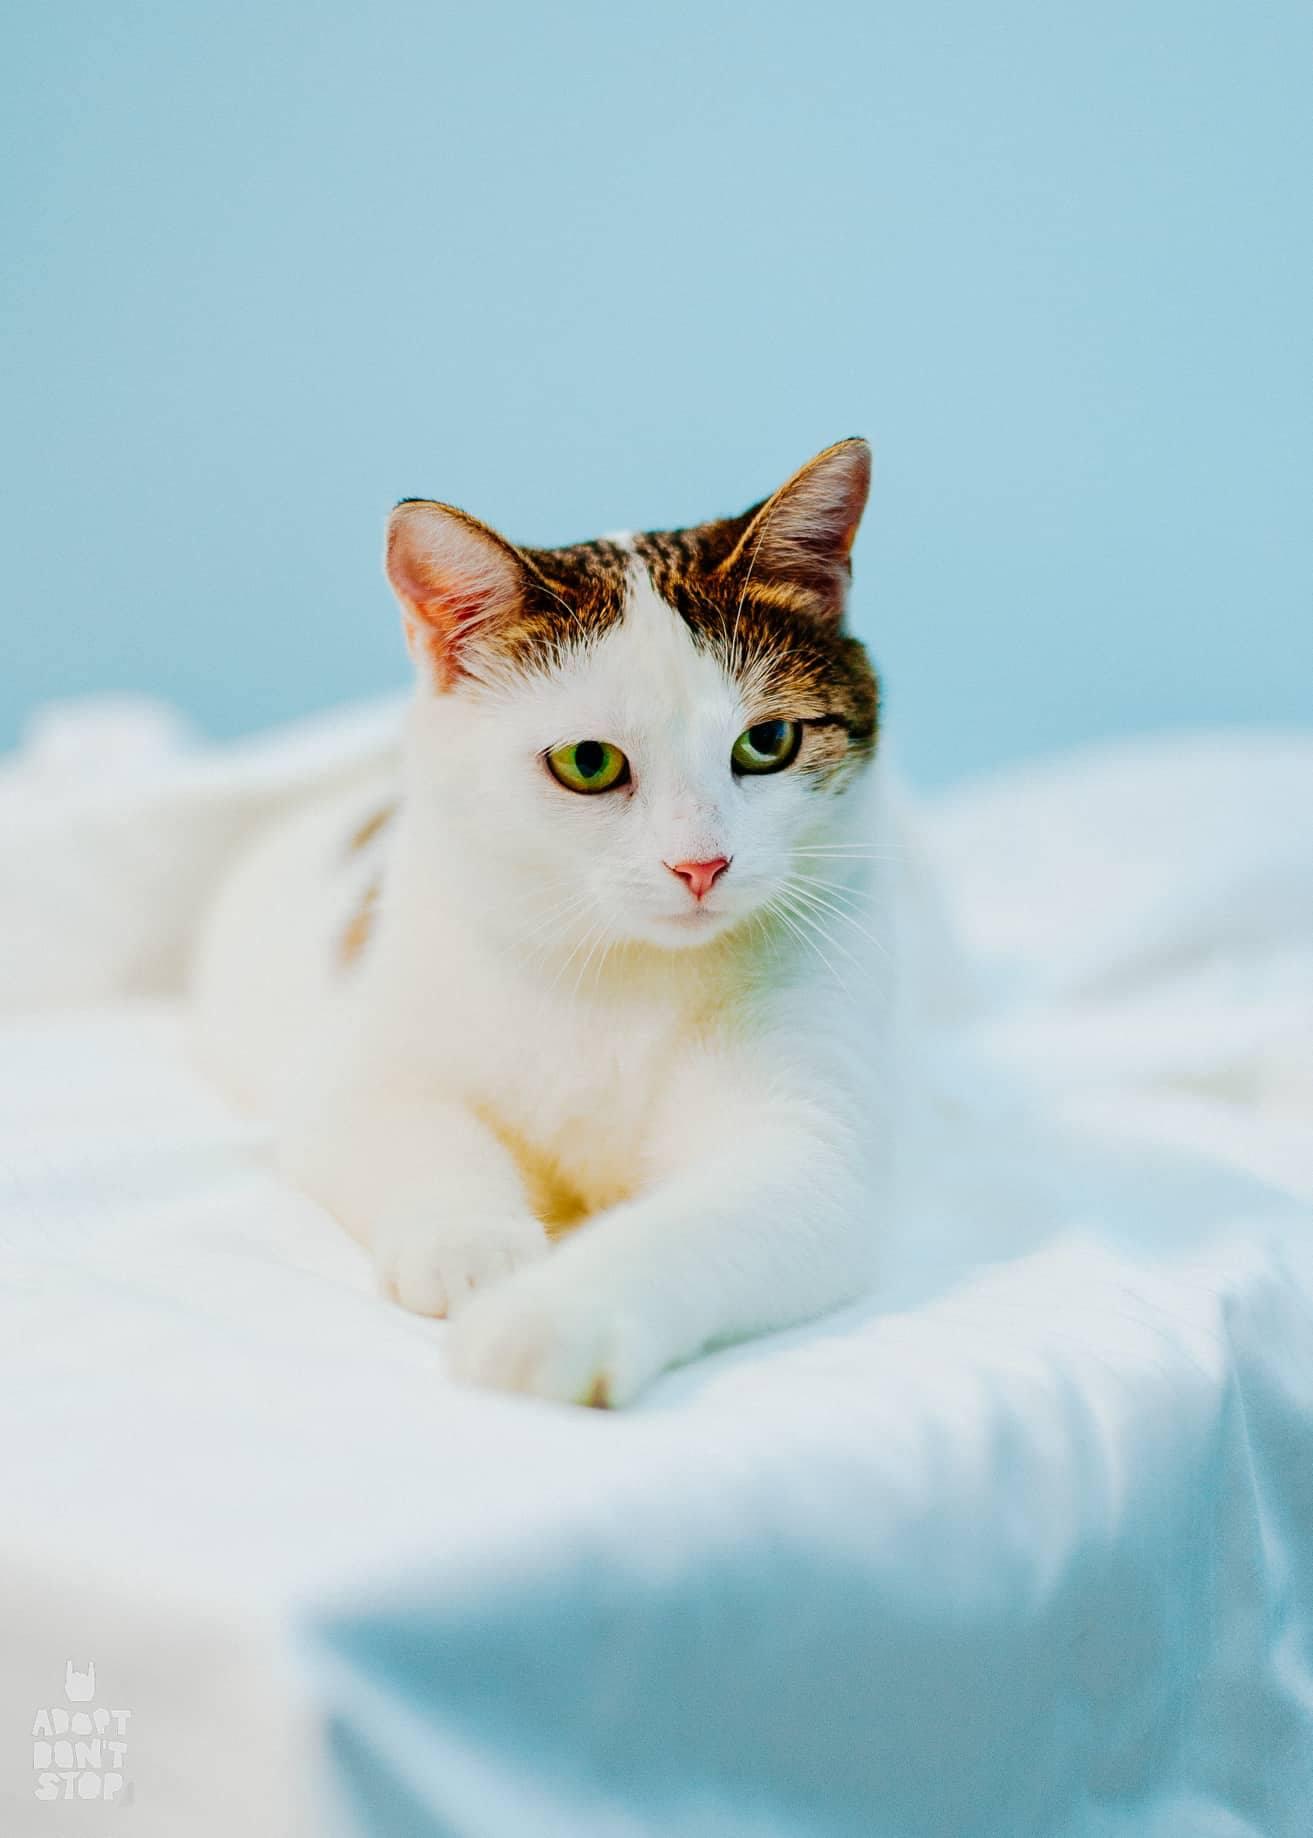 Не треба боятися ВІК.Діагноз не означає, що кіт буде постійно, часто чи сильно хворіти чи мучитися, зовсім ні!Це не вирок -